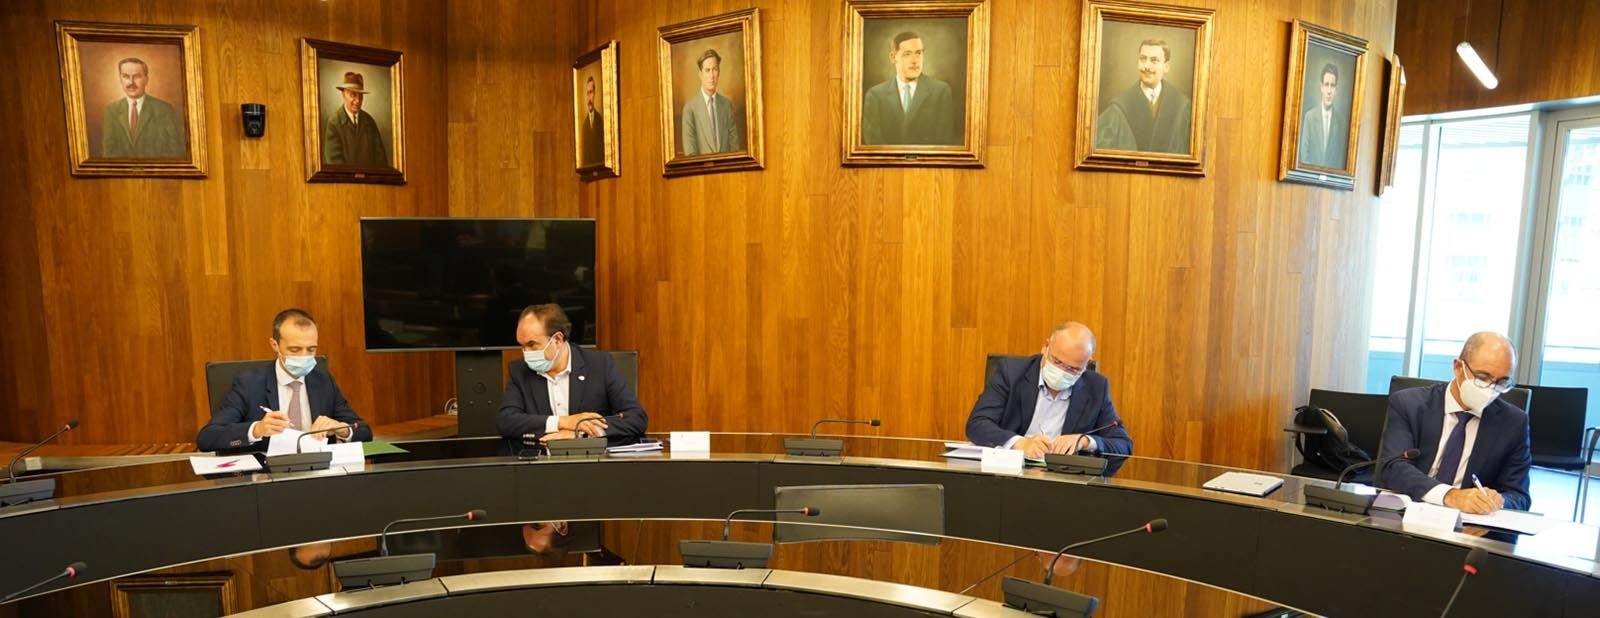 Convenio con el Ayuntamiento de Lalín con Pedro Pisonero